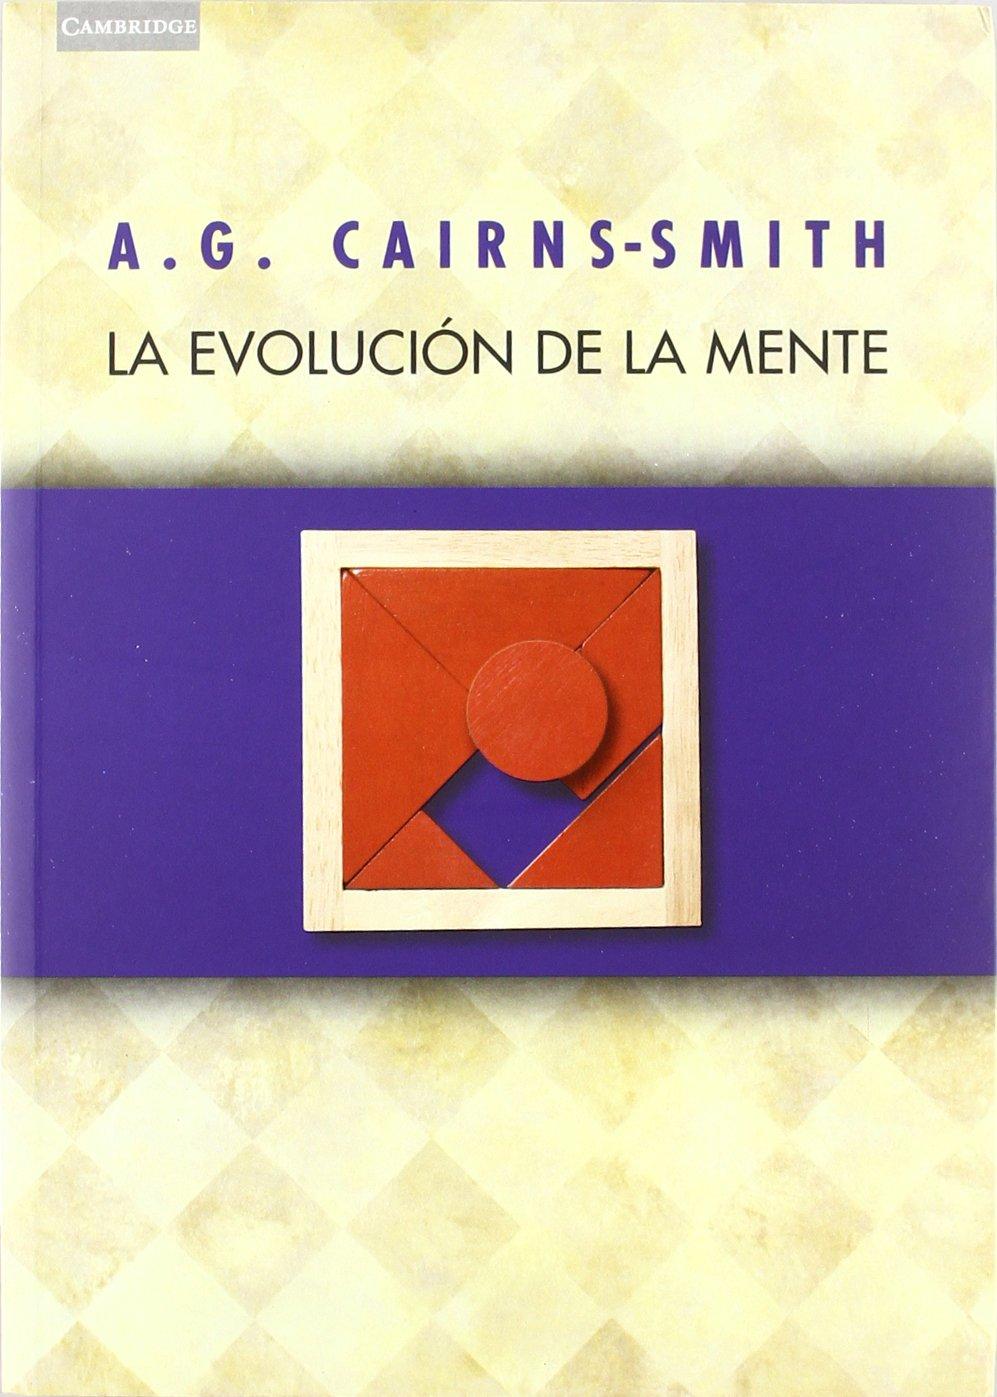 La evolución de la mente: Sobre La Naturaleza De La Materia Y El Origen De La Conciencia Tapa blanda – 20 nov 2003 A. G. Cairns-Smith Ediciones Akal 8483230372 CDL_2-3_0033240